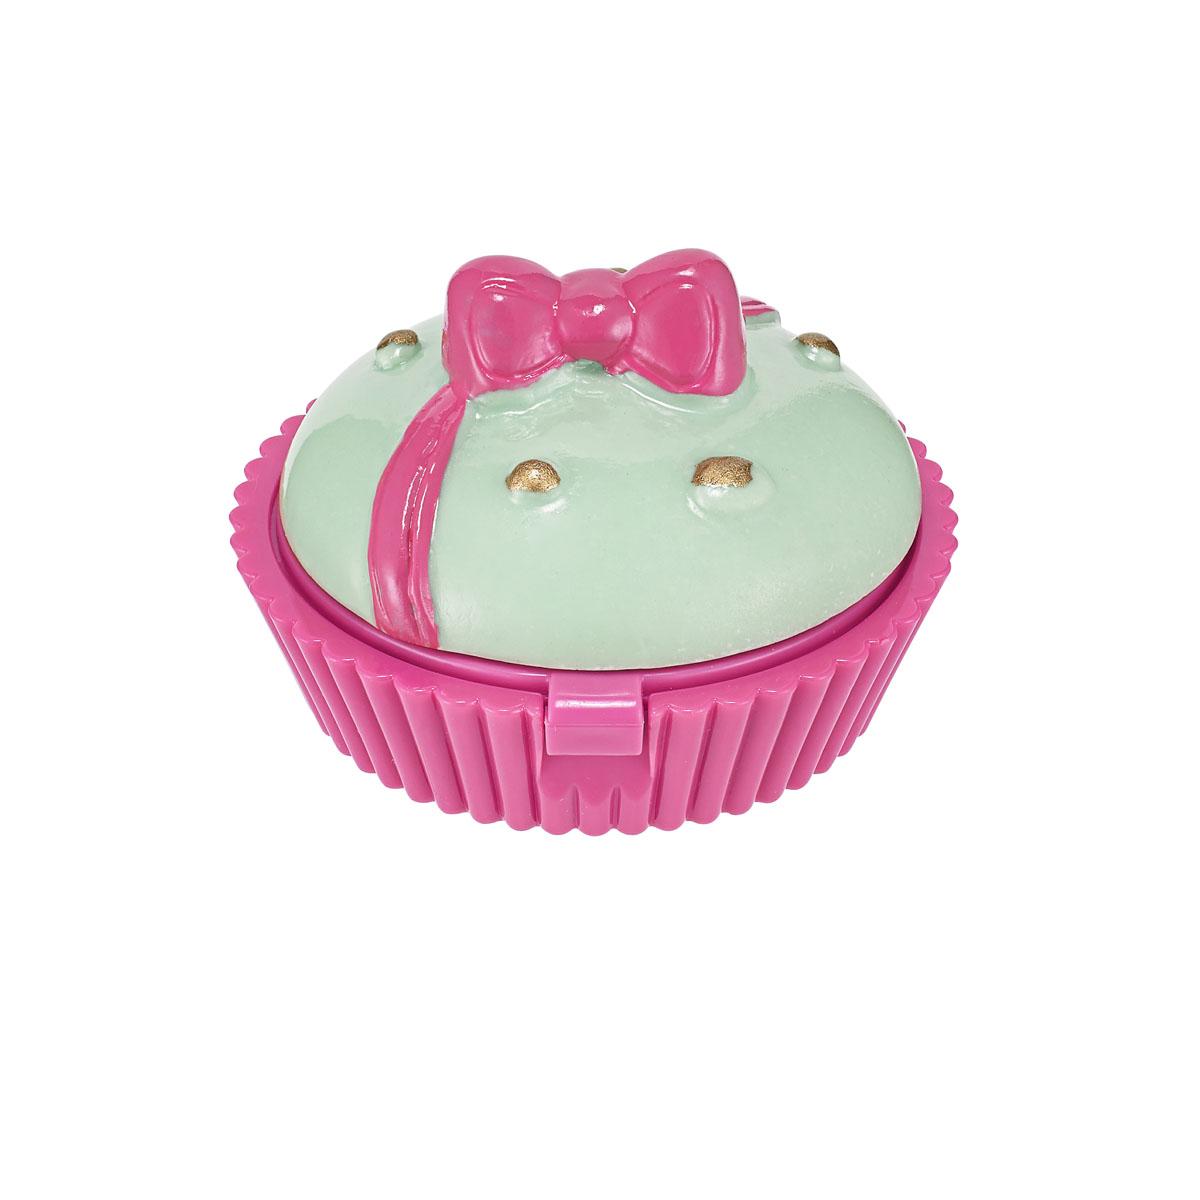 Holika Holika Бальзам для губ Desert Time Lip Balm, #02 Pink Cup Cake, арбуз, 7 гУТ000001349Перевыпуск знаменитого бальзама для губ, выпущенного в виде очаровательных десертов! Теперь средство наносится еще легче, а благодаря инновационной формуле бальзам не течет, не оставляет ощущения липкости после применения и имеет прекрасную стойкость. При этом каждое средство имеет свой неповторимый аромат: 01 - клубника, 02 - арбуз, 03 - персик, 04 - слива, 05 - апельсин, 06 - лимон.